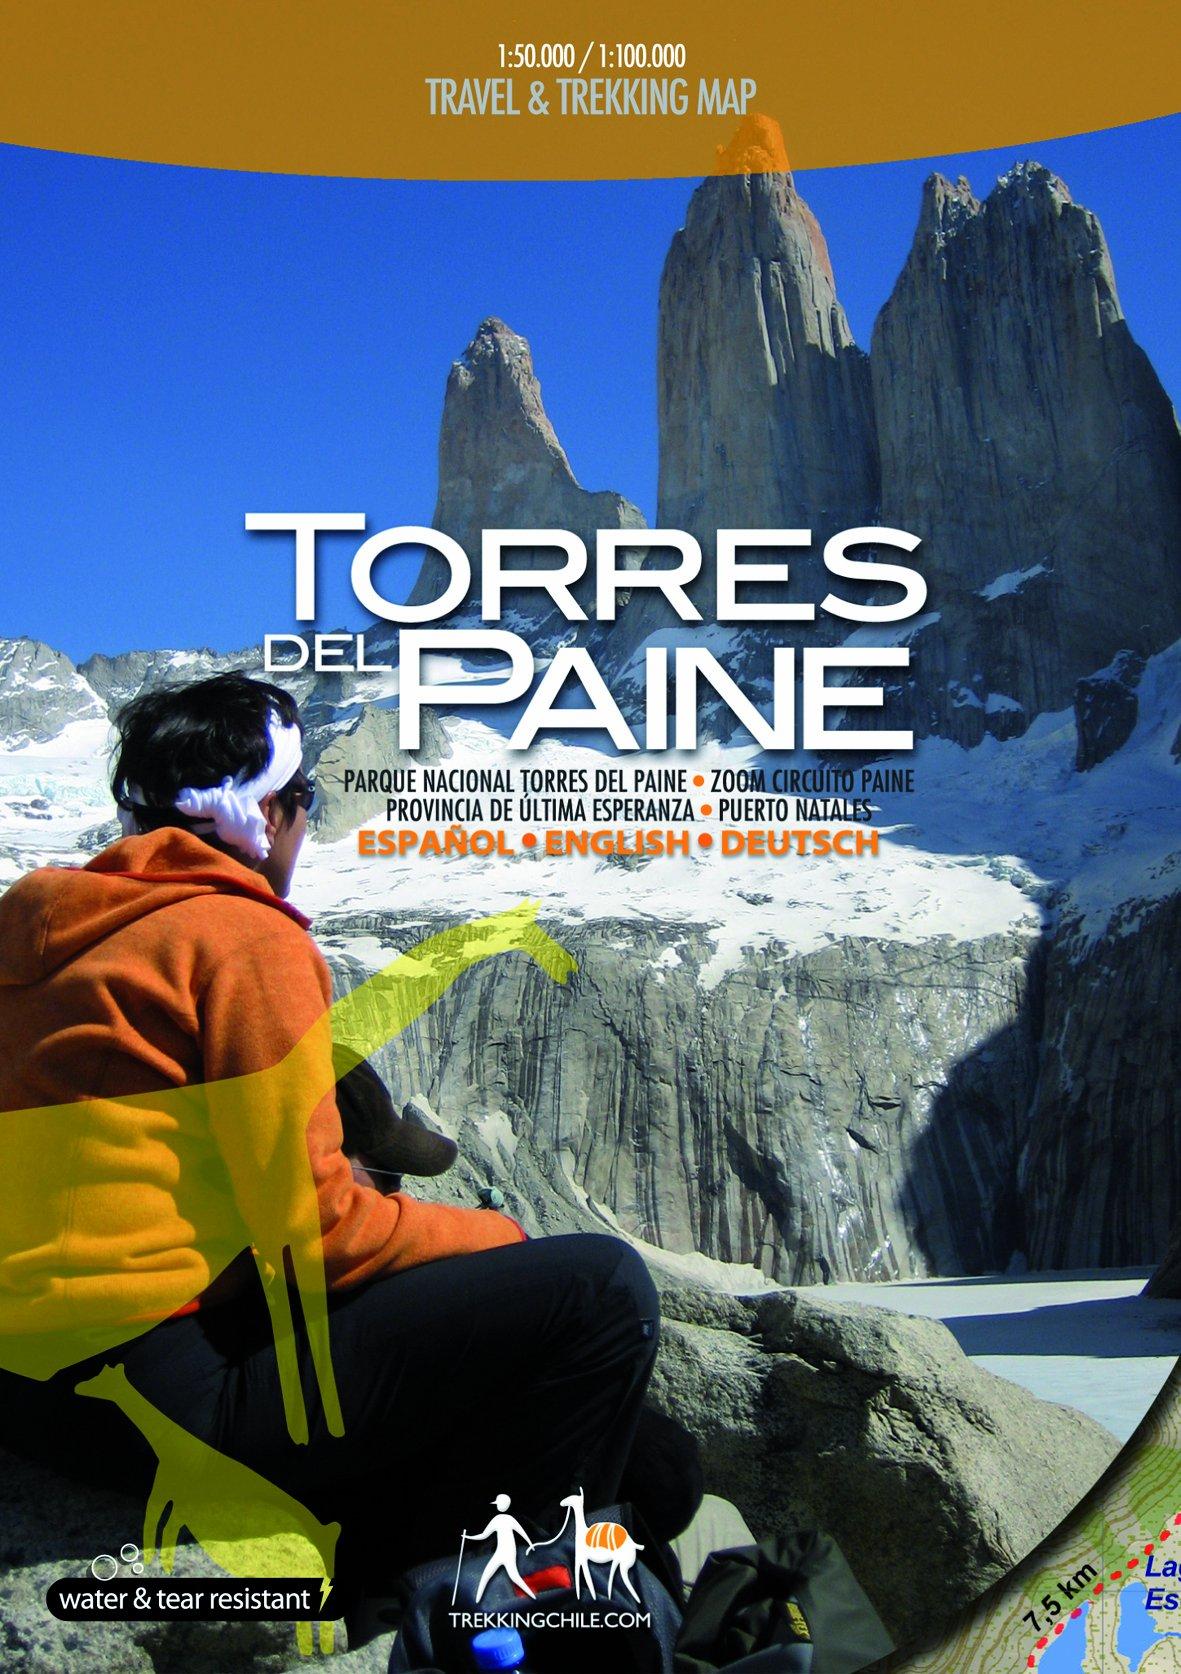 Chile Patagonien Karte.Torres Del Paine Reise Und Wanderkarte Patagonien